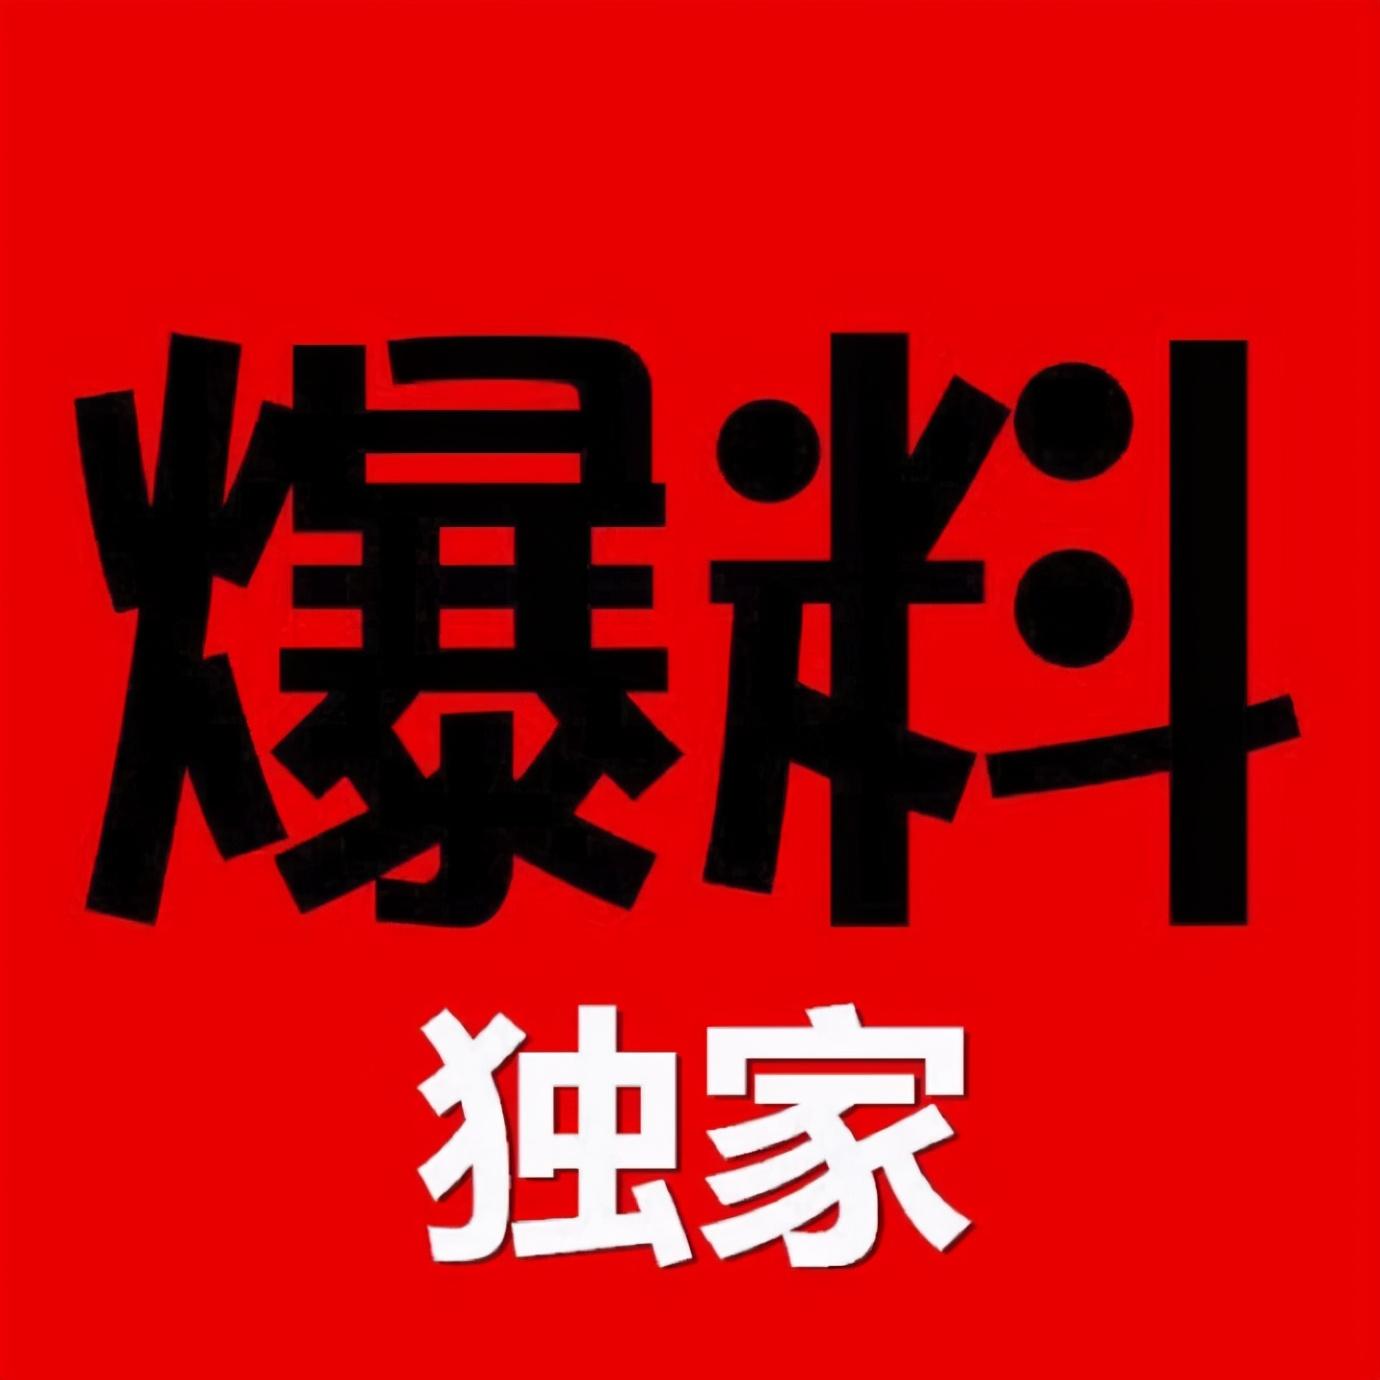 刘昊然,吴青峰,雷佳音,周杰伦,马嘉祺